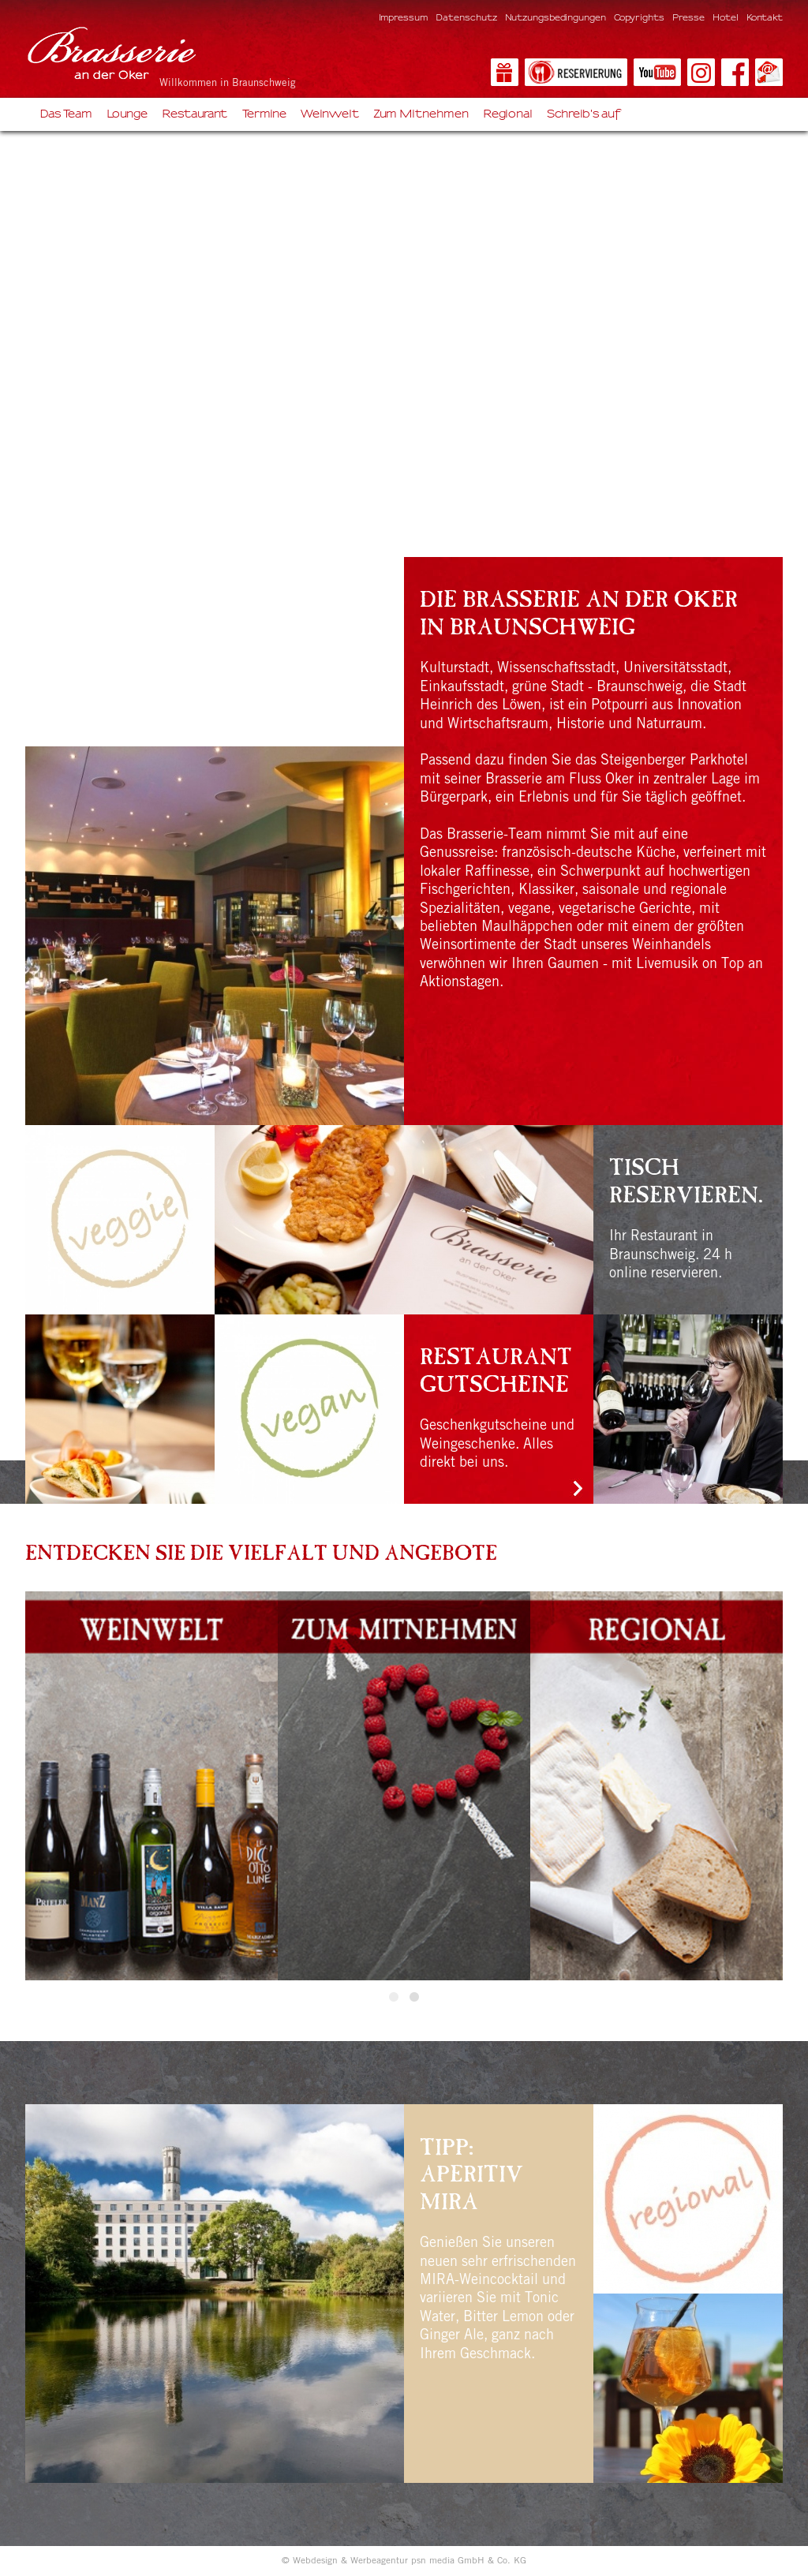 Fantastisch Lokale Küche Und Weinhändler Galerie - Ideen Für Die ...